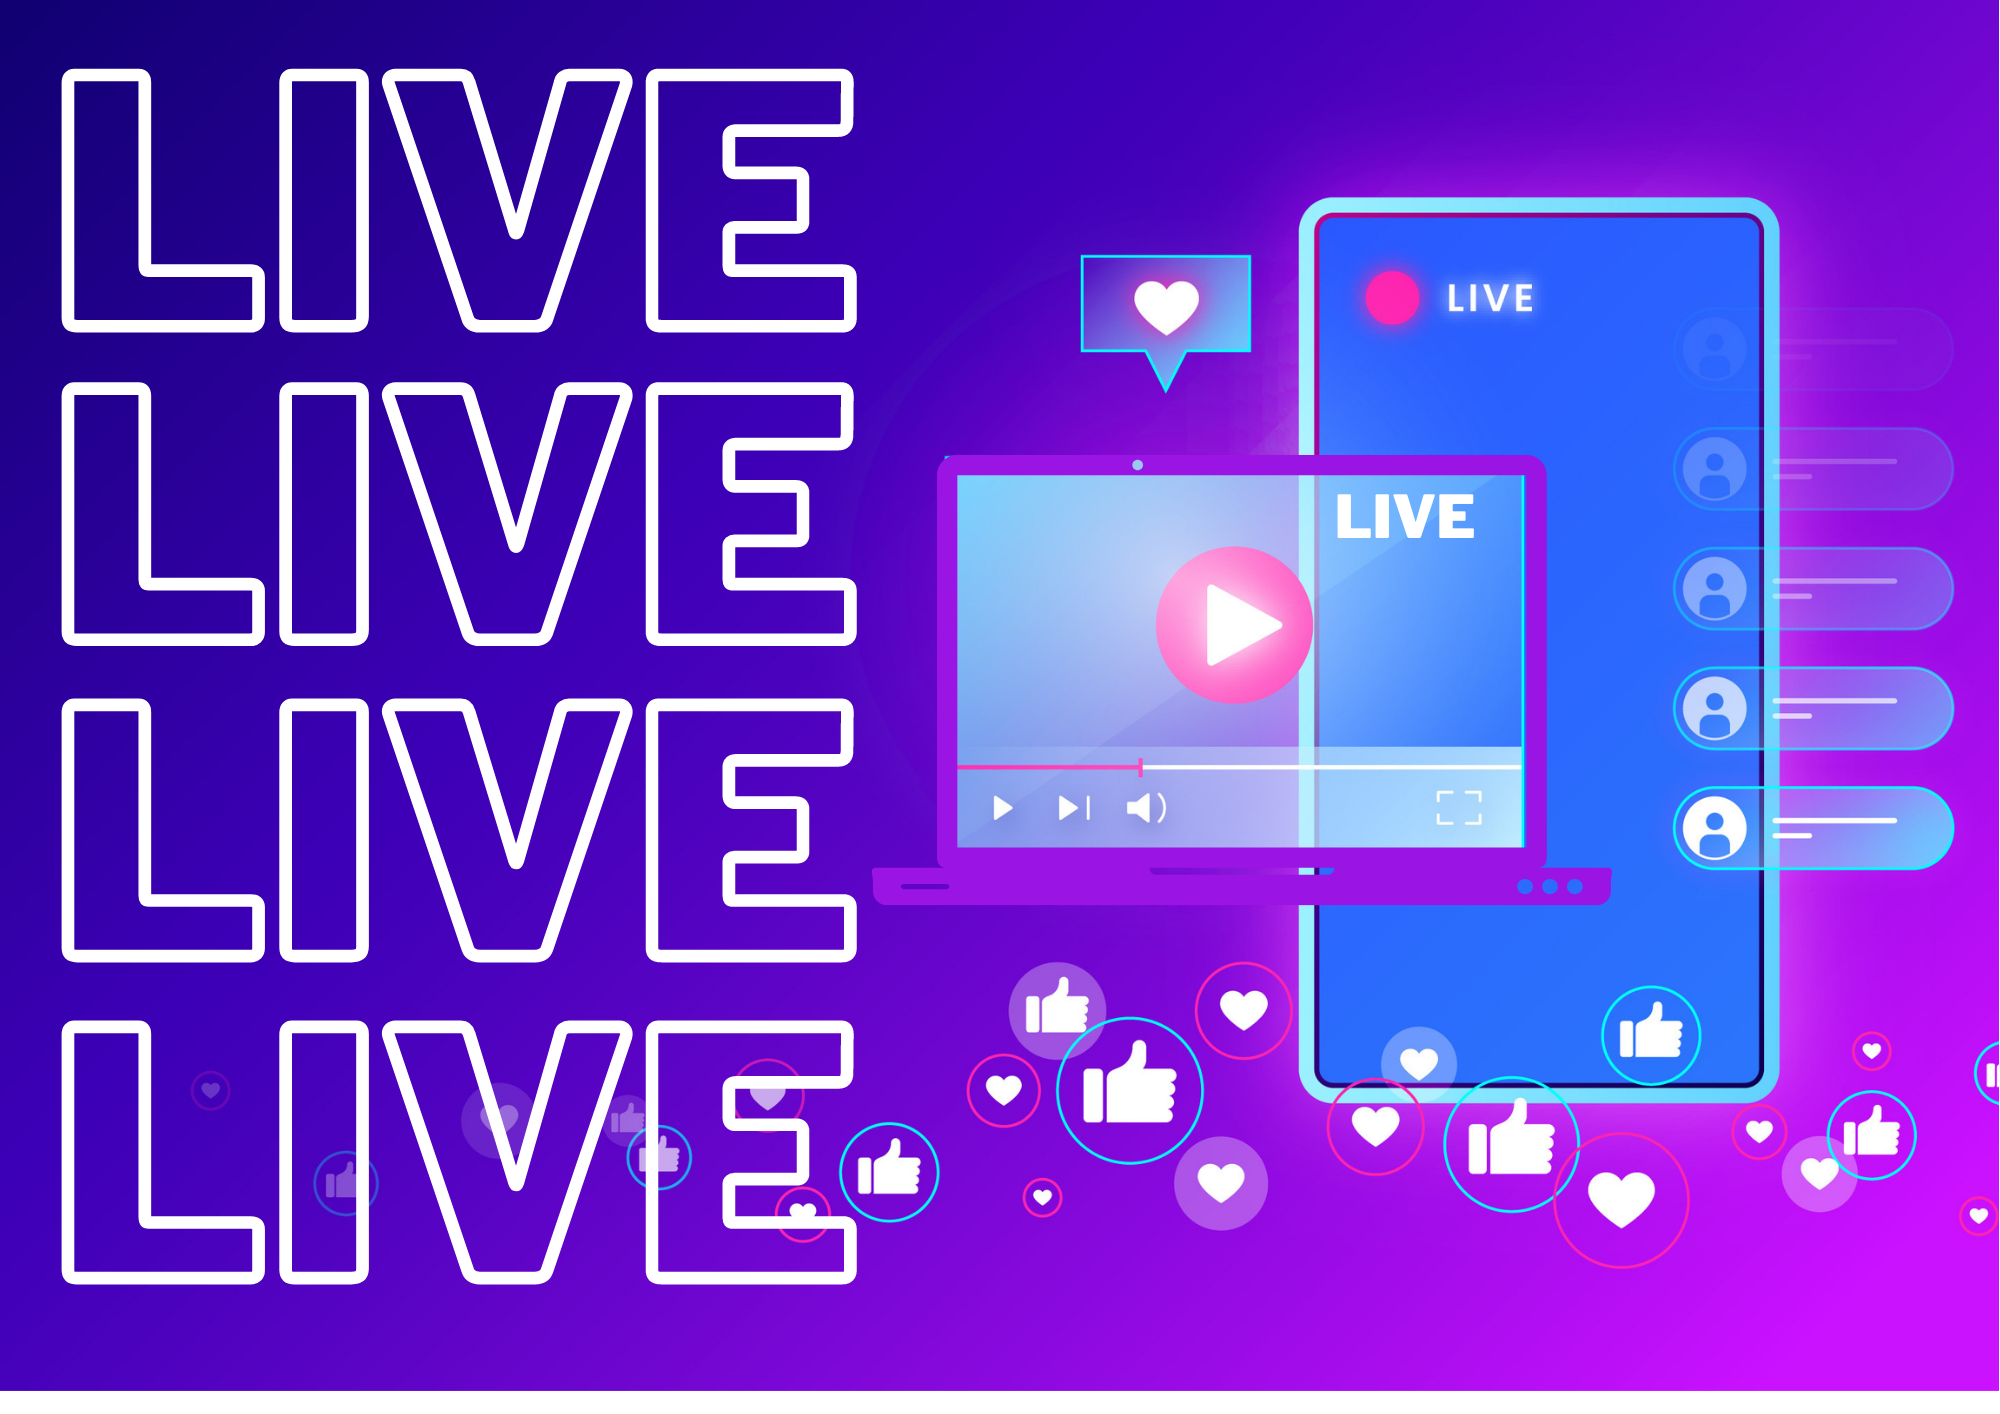 Como fazer uma live profissional? Checklist de uma live de sucesso